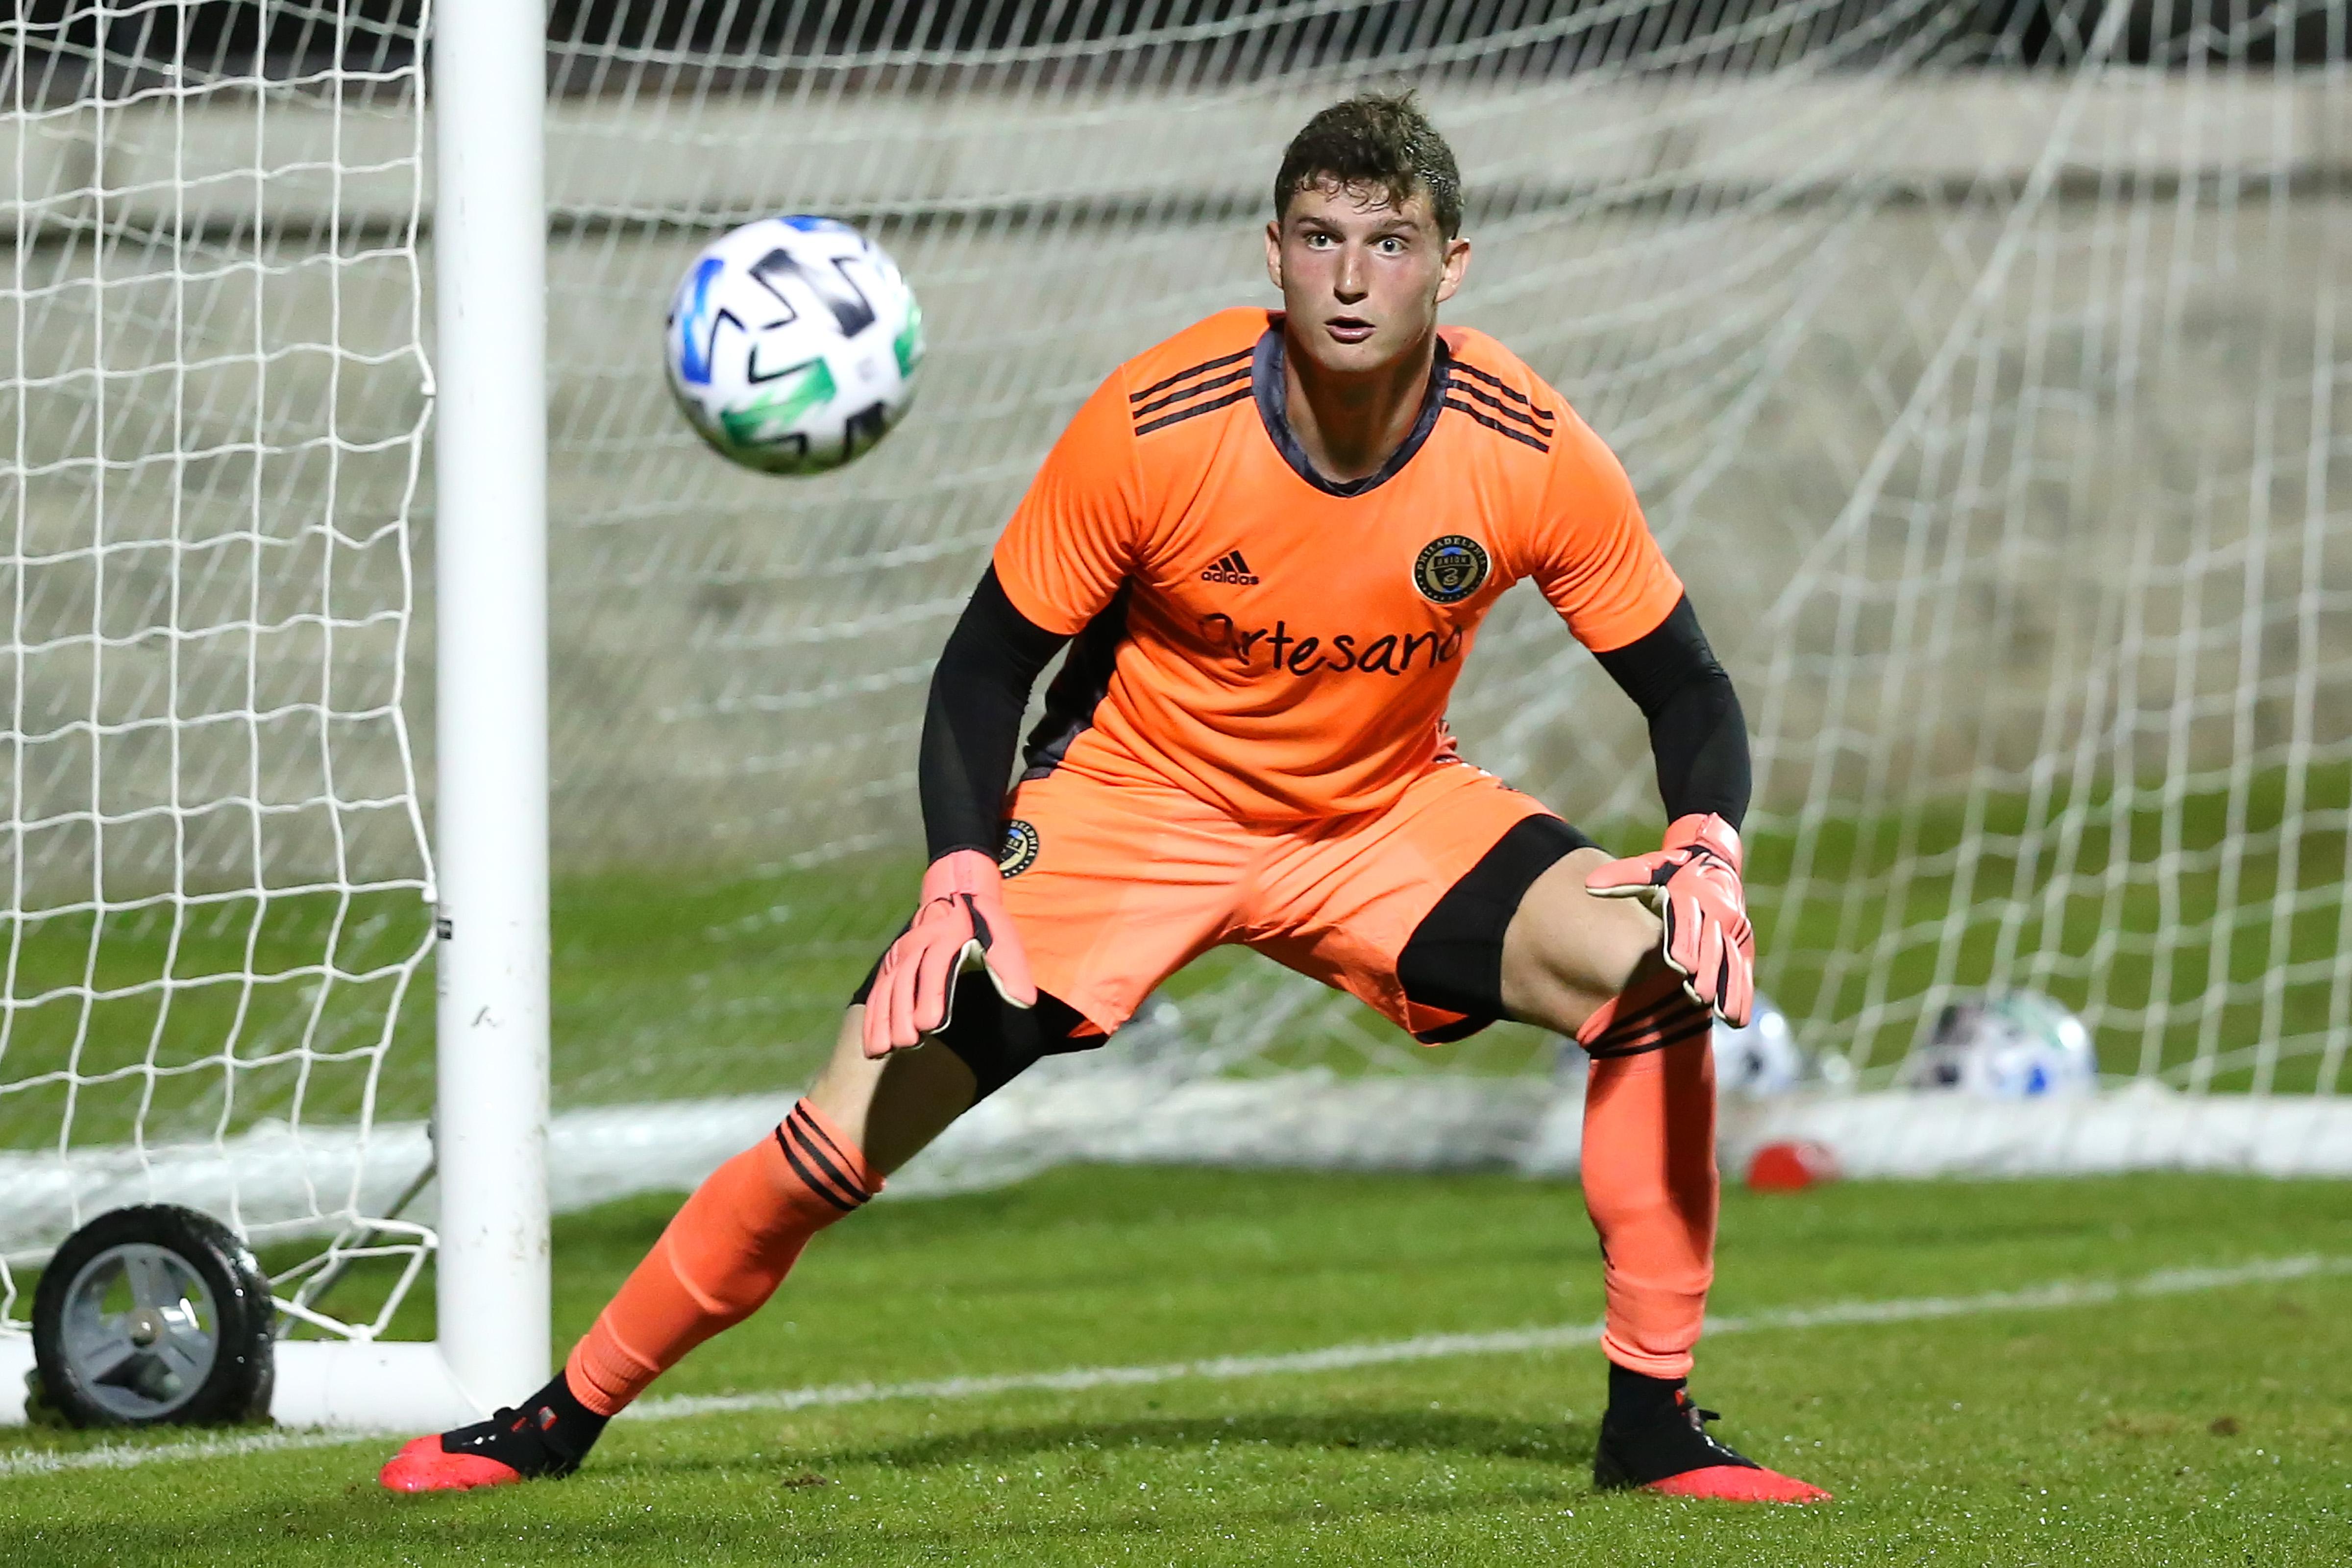 SOCCER: FEB 05 MLS - Philadelphia Union v Montreal Impact